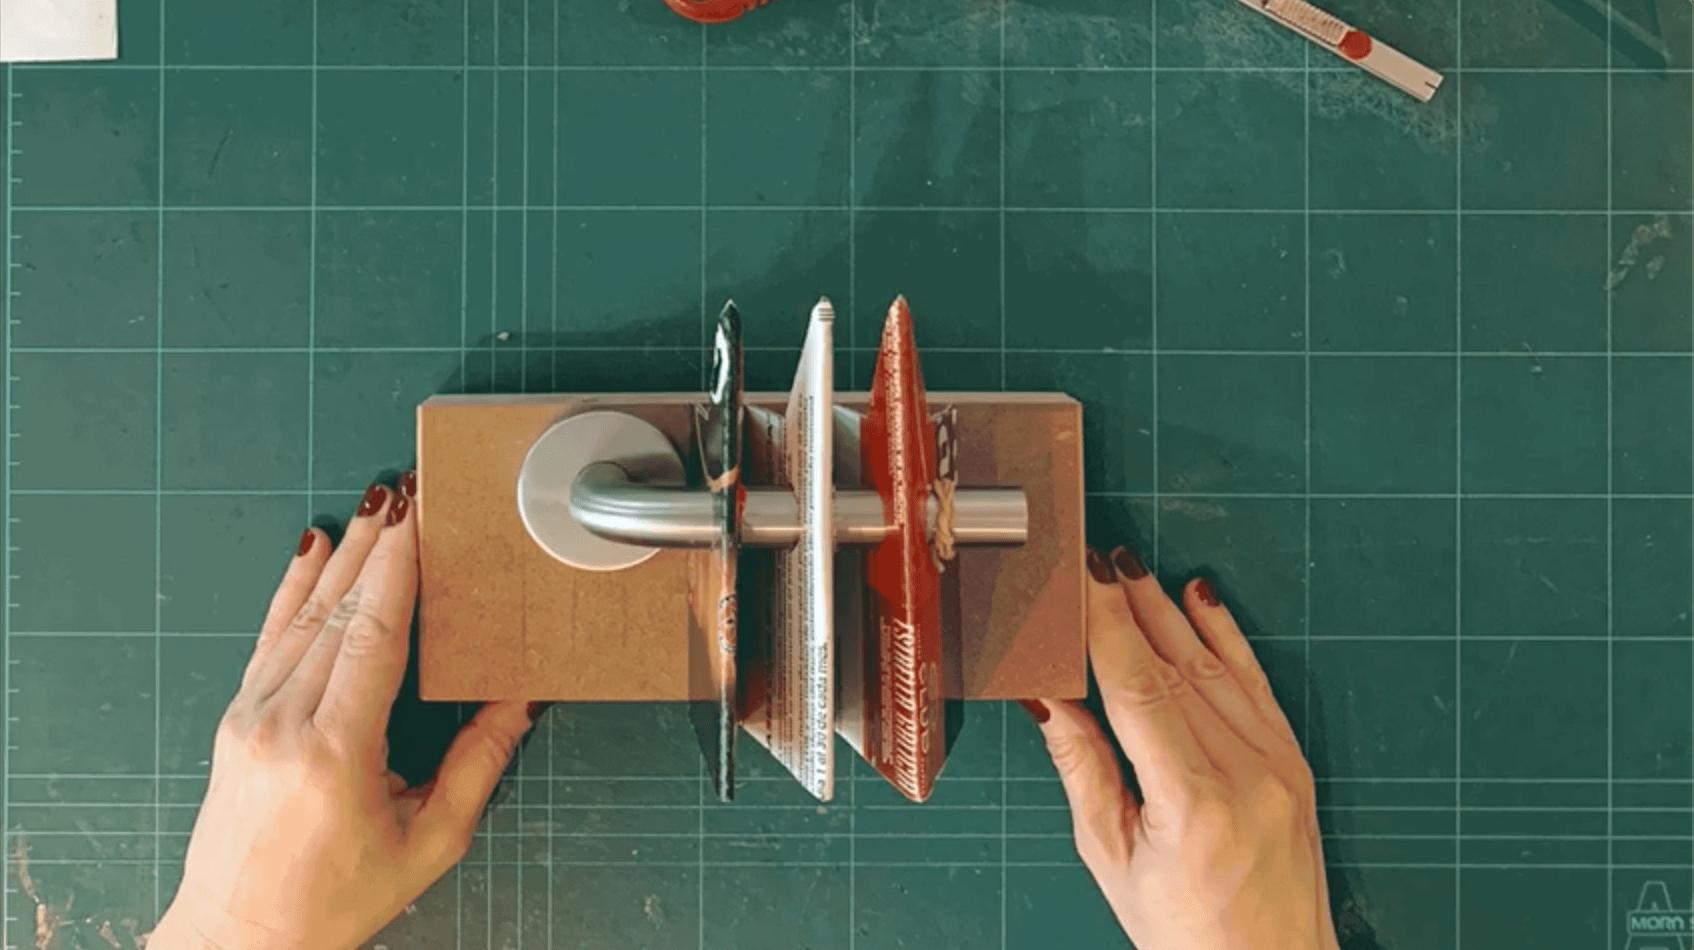 El Protector de manillas DIY que evita contagios que puedes construir gratis 67